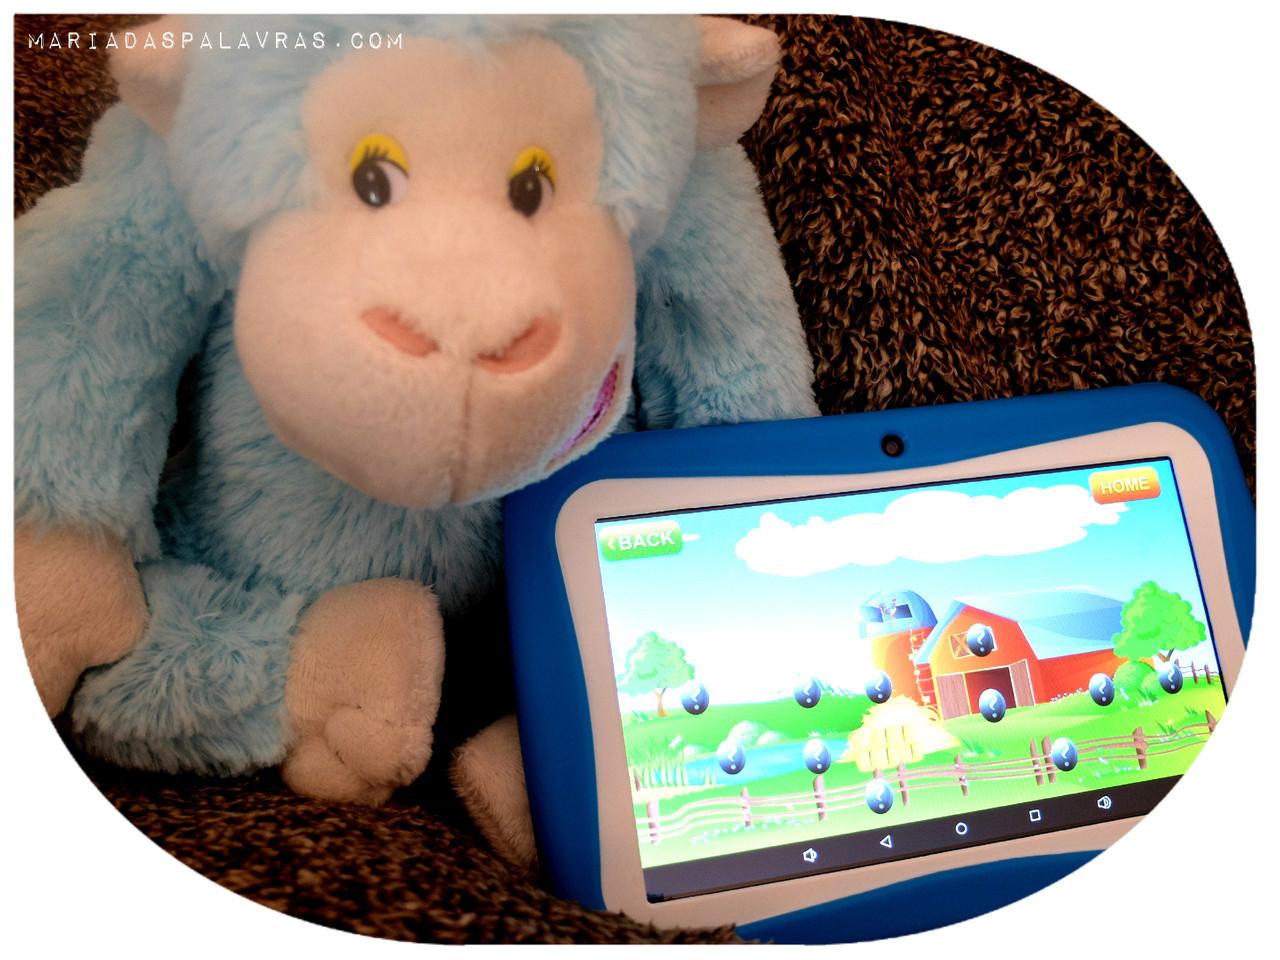 Tablet para Crianças Odisseias | Maria das Palavras